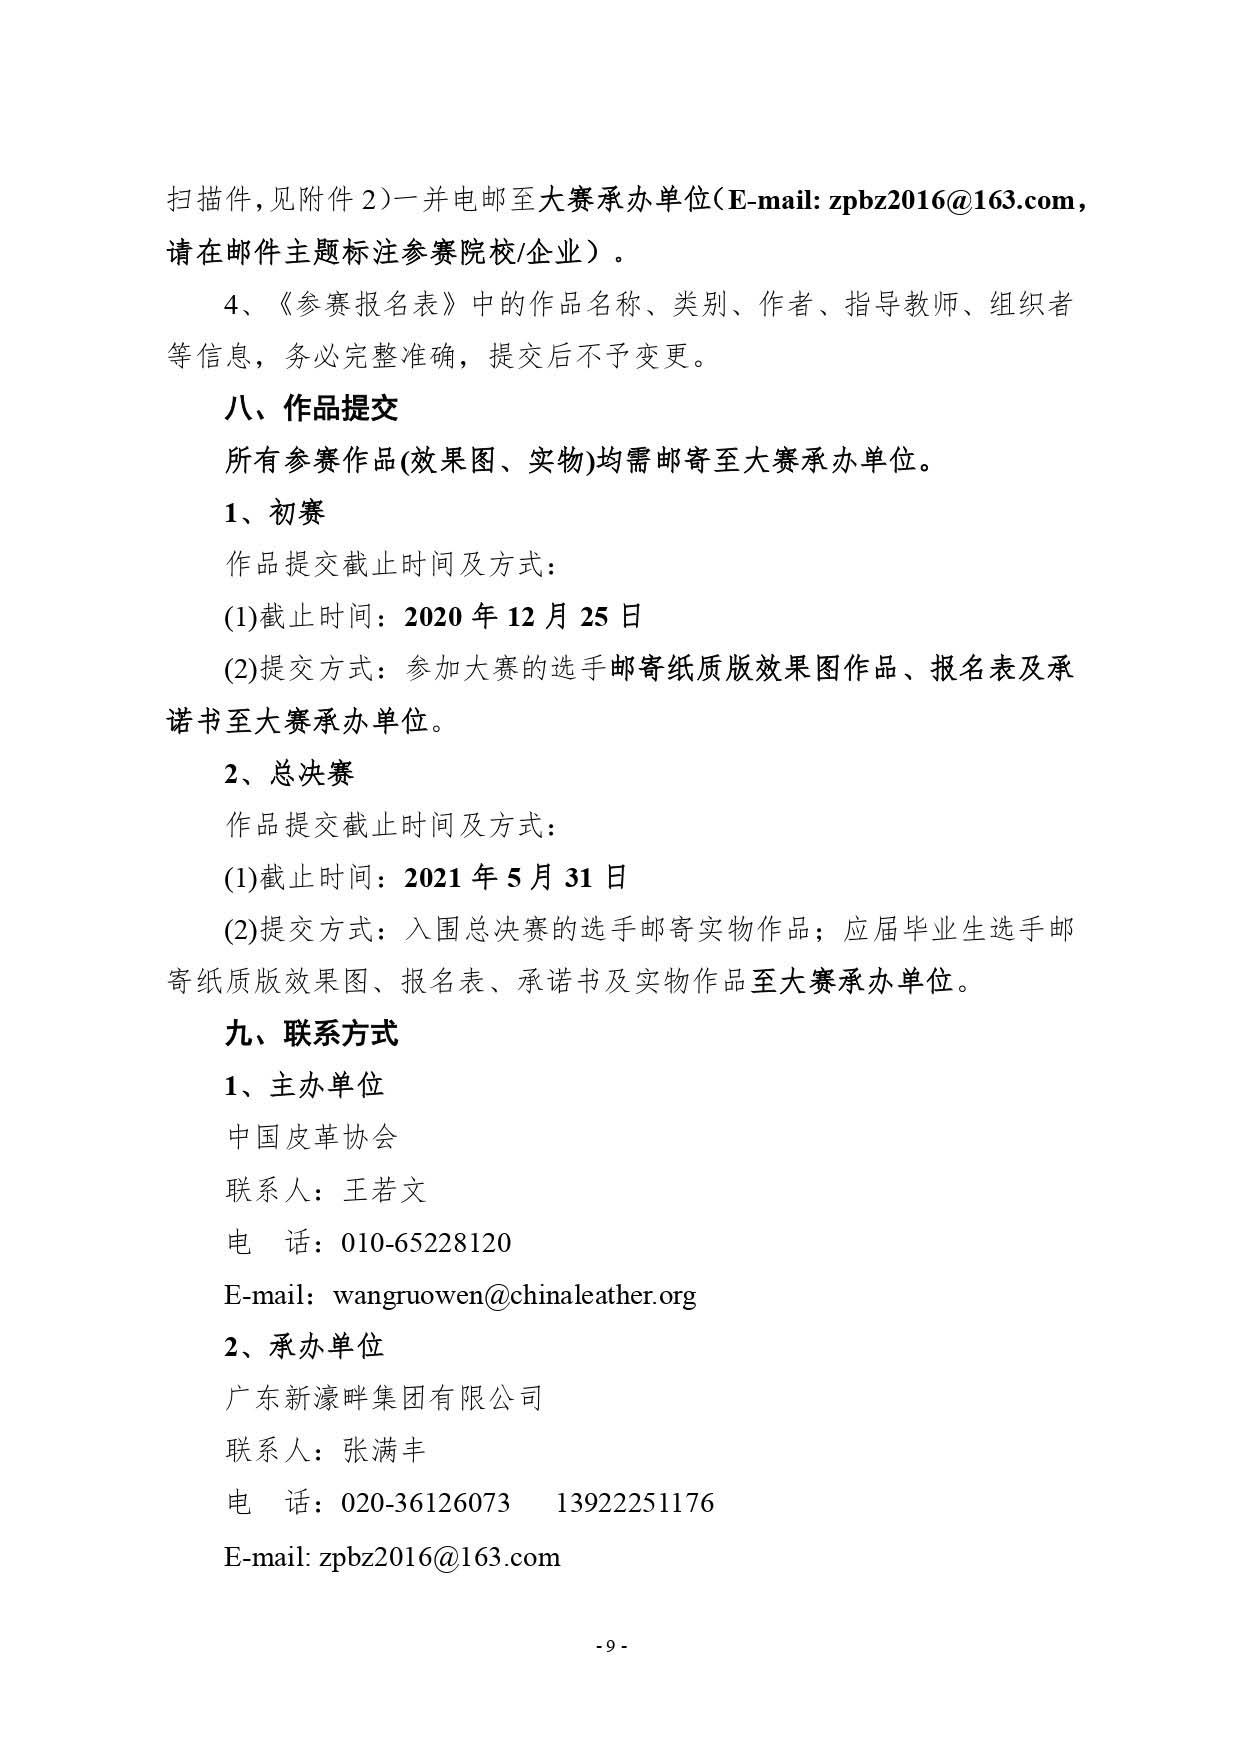 第二十四届(2021)真皮标志杯鞋类大赛通知2020.11.25.印刷版_page-0009.jpg